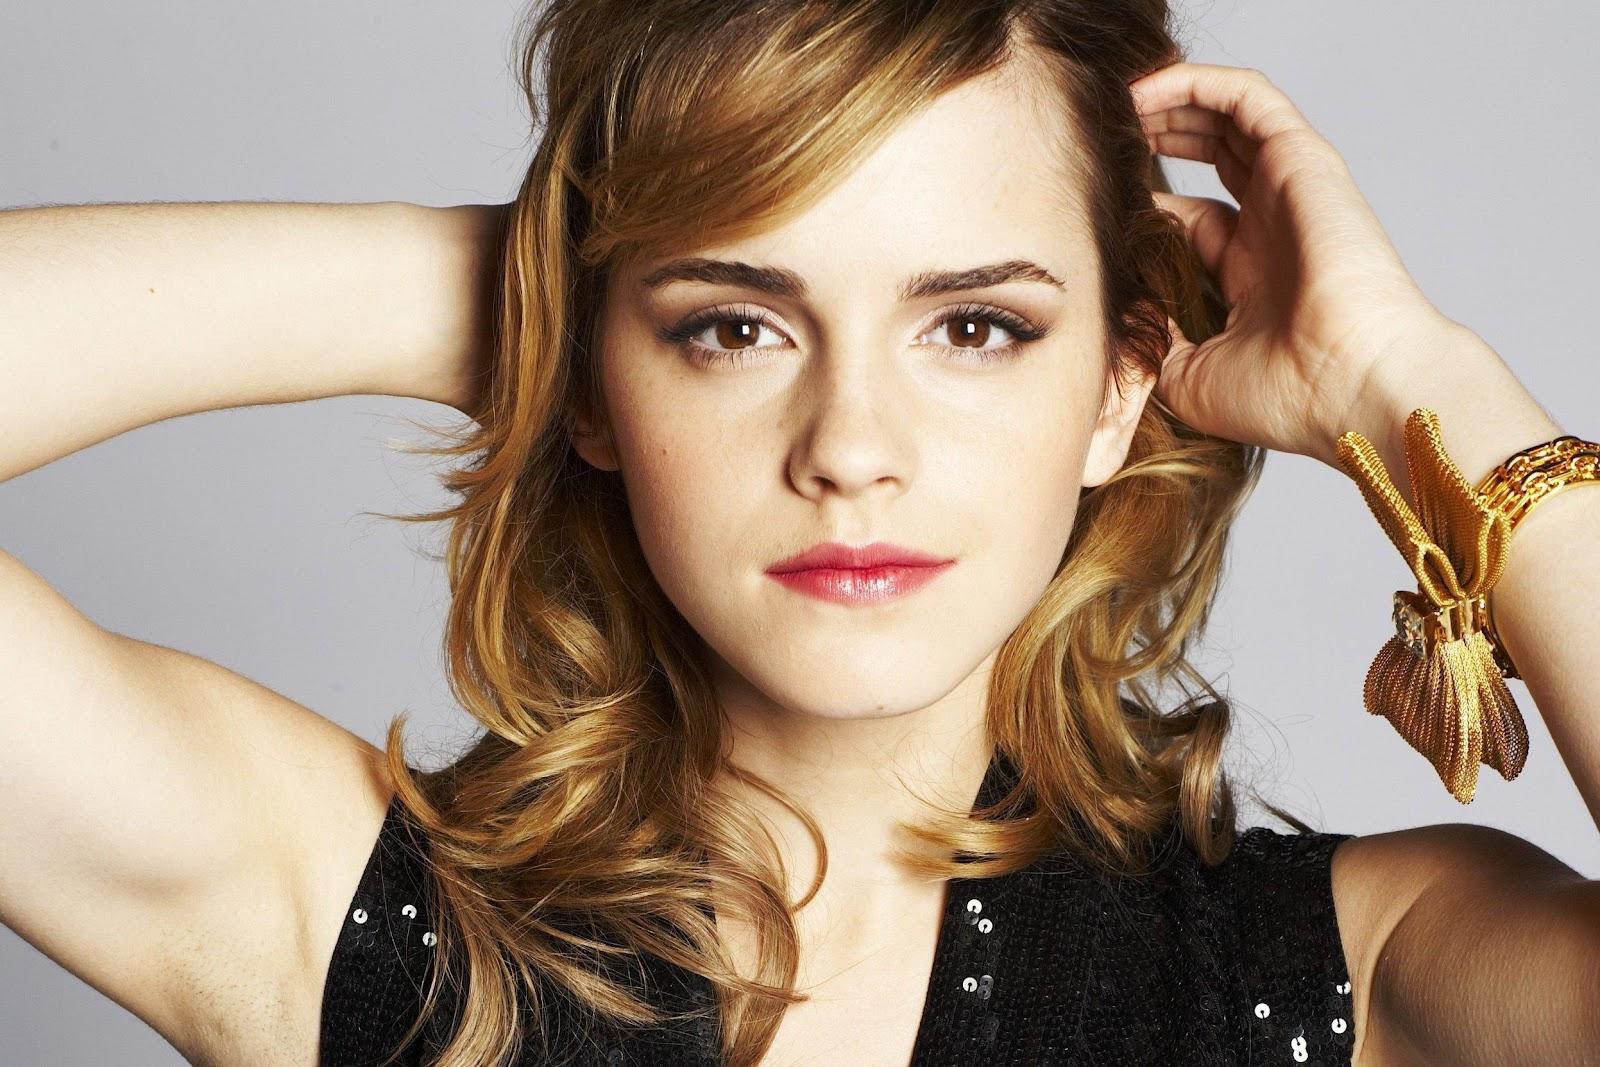 http://3.bp.blogspot.com/-ki6C5UQYGOg/UE144noAx-I/AAAAAAAADr8/JoCZFaZz3Hs/s1600/Emma+Watson+1.jpg